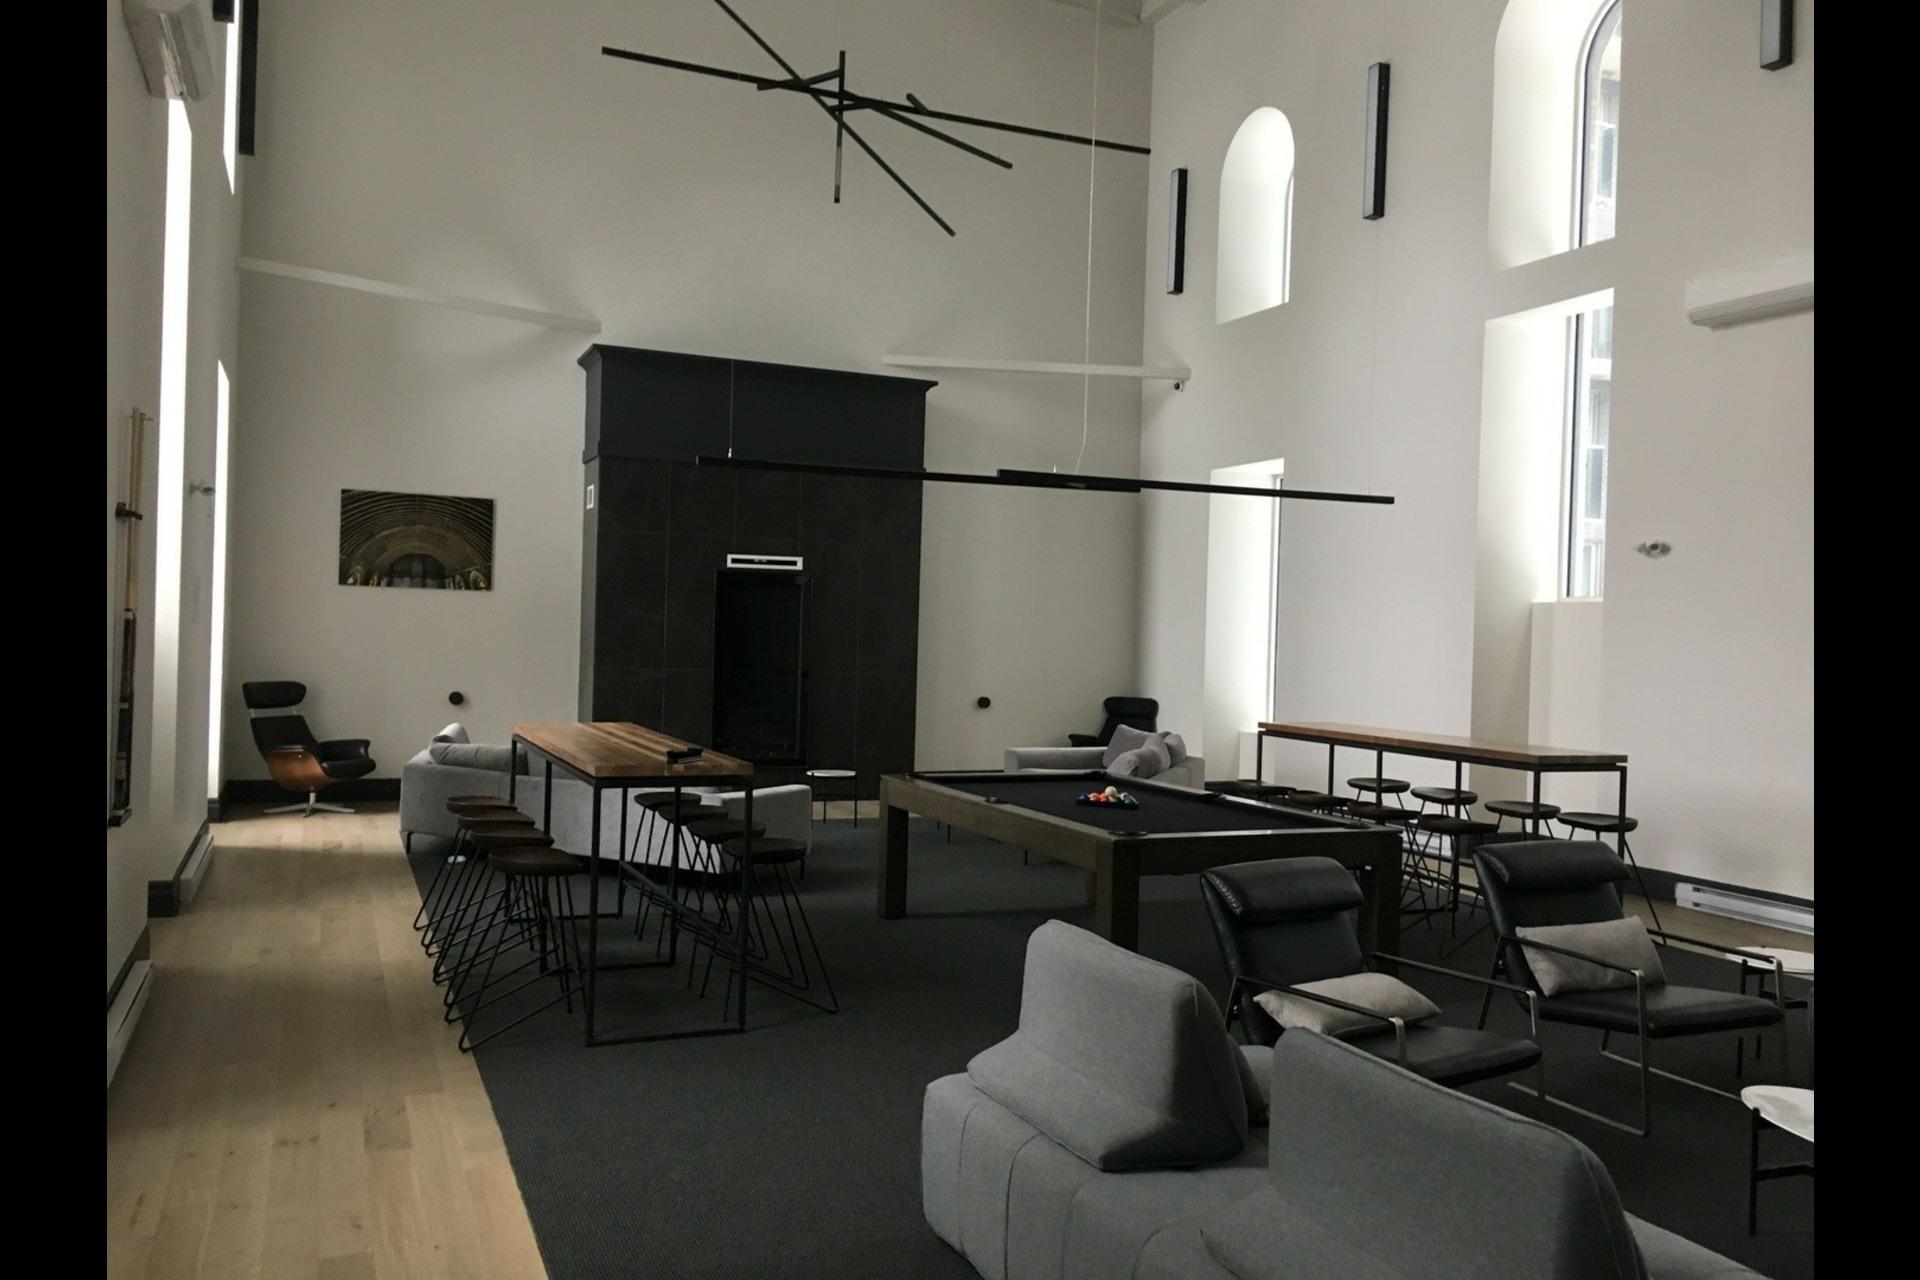 image 18 - Condo For rent Montréal Ville-Marie (Centre-ville) - 3 rooms